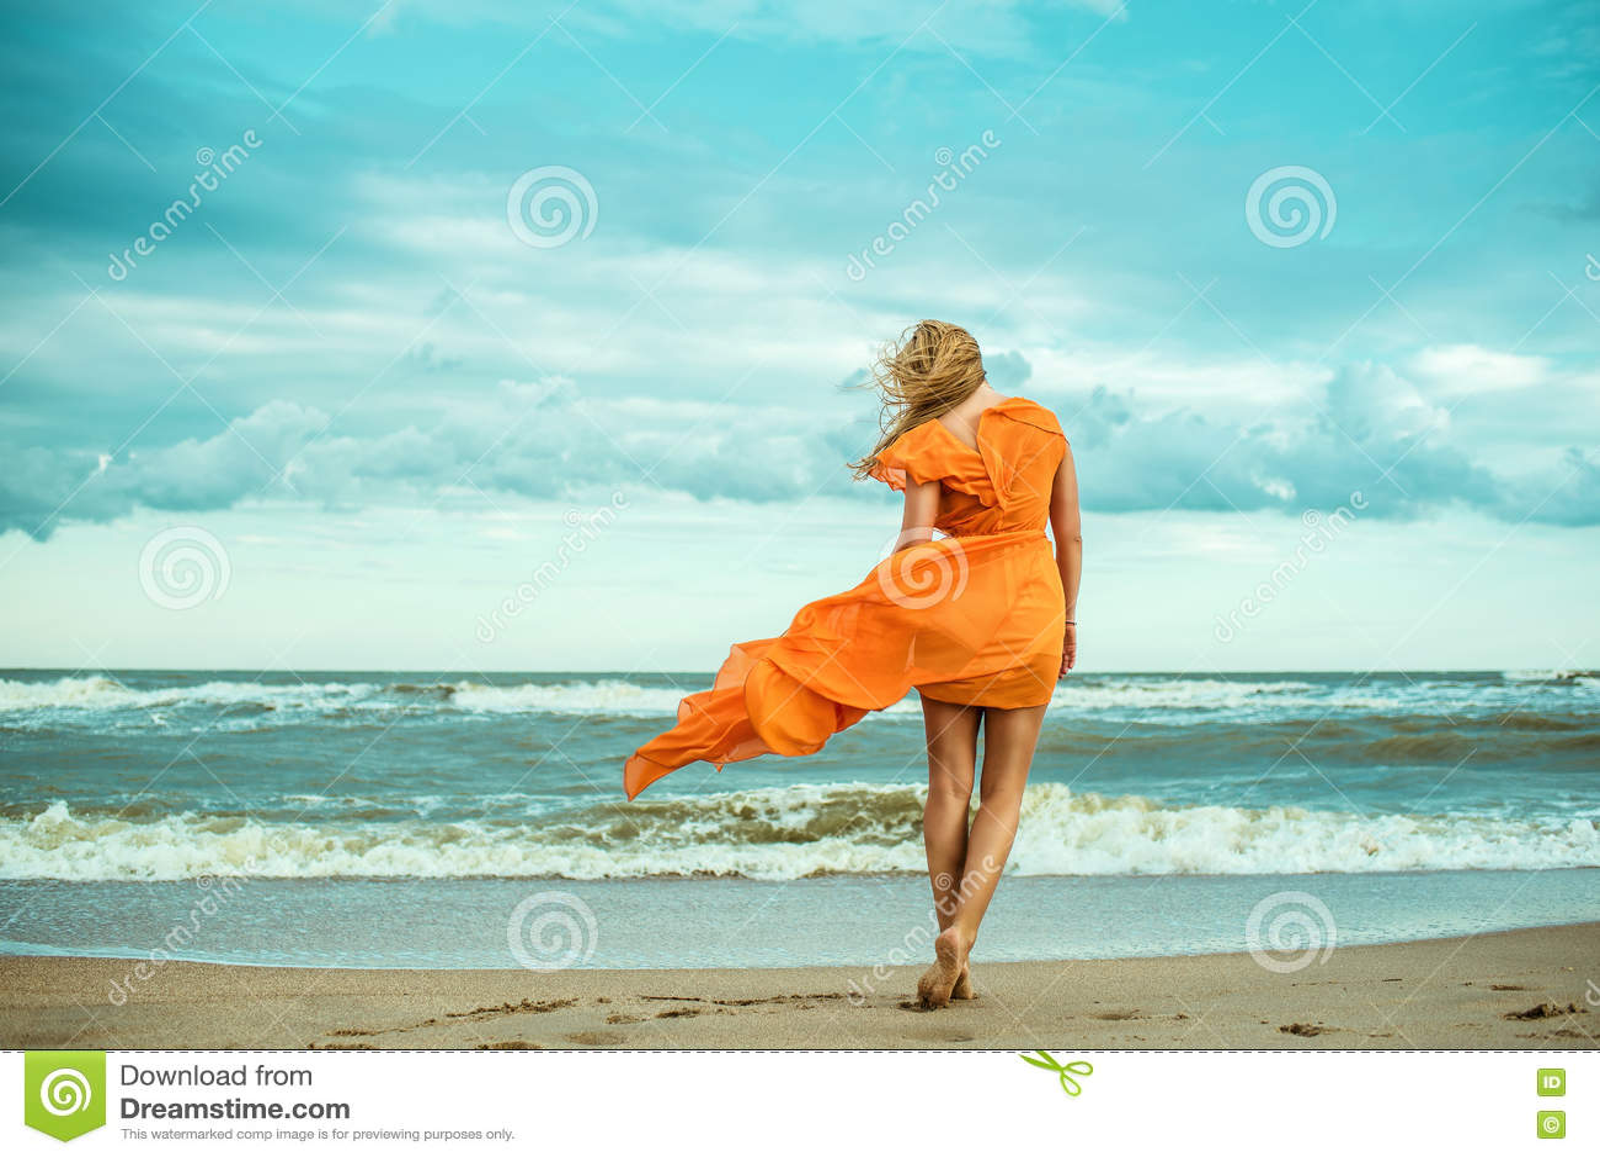 橙色礼服的一名年轻苗条妇女赤足走往猛冲的海